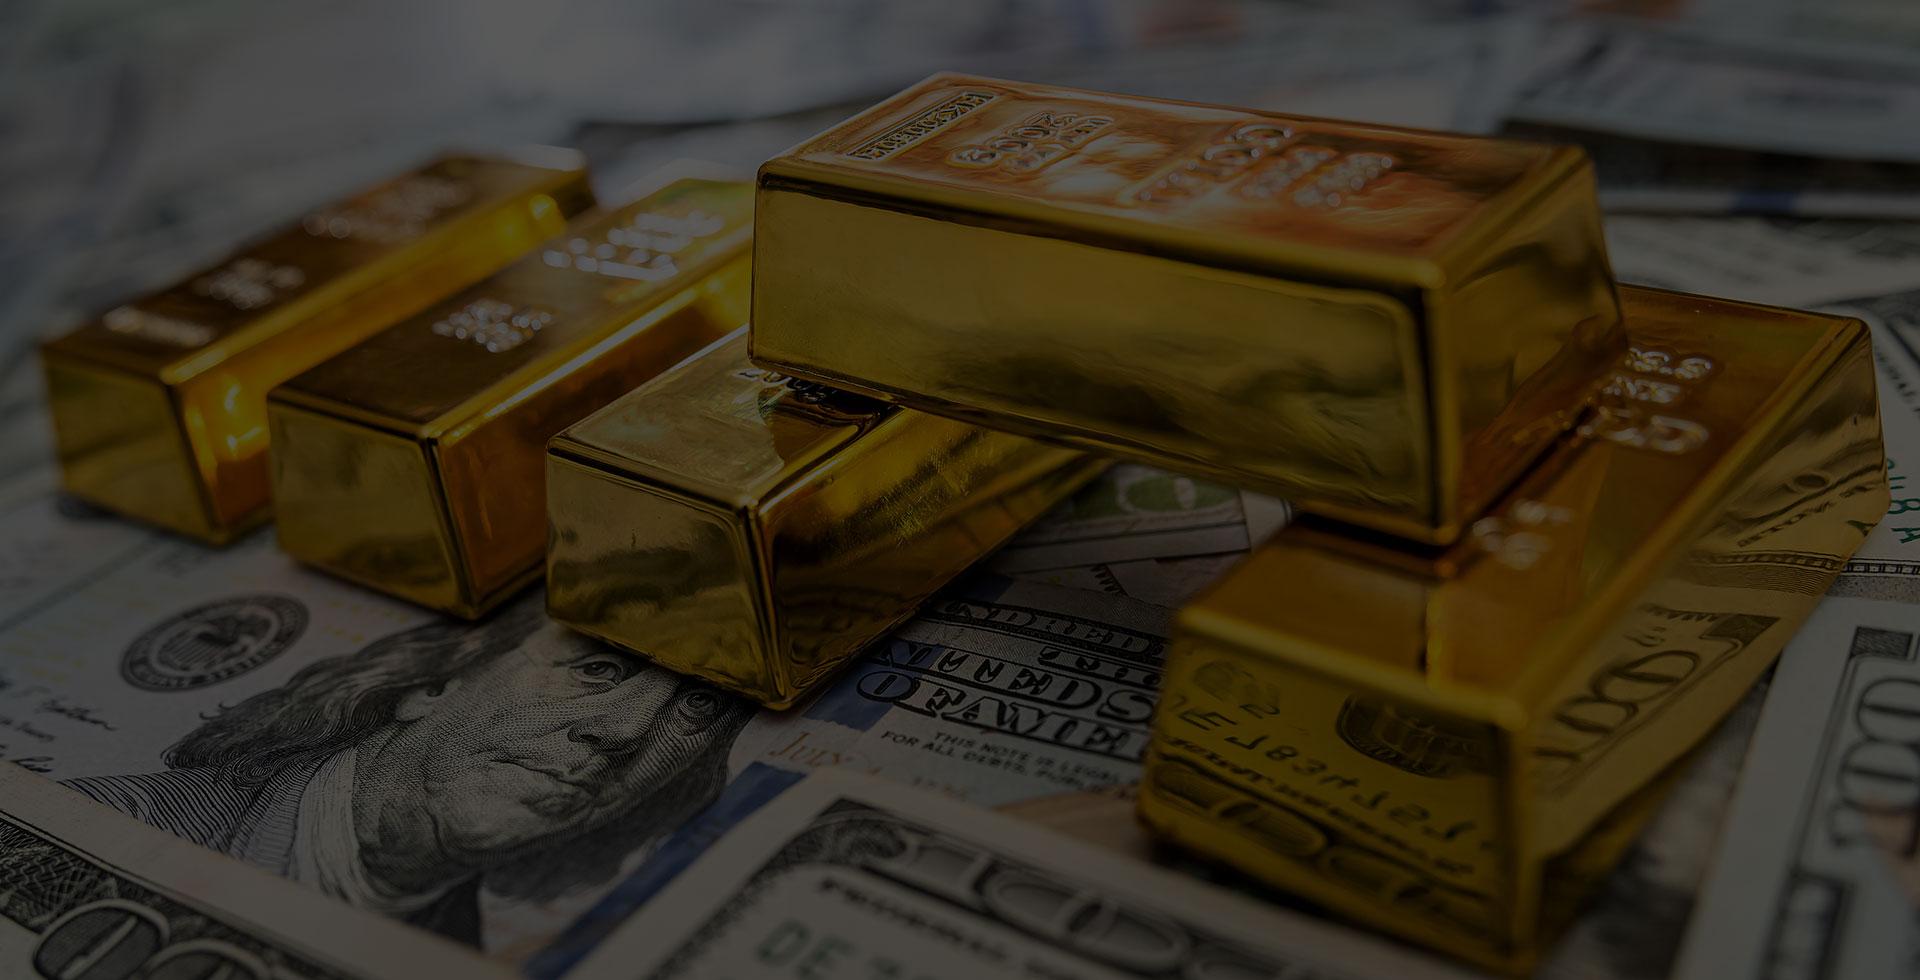 Gold kaufen Wie funktioniert der Goldmarkt